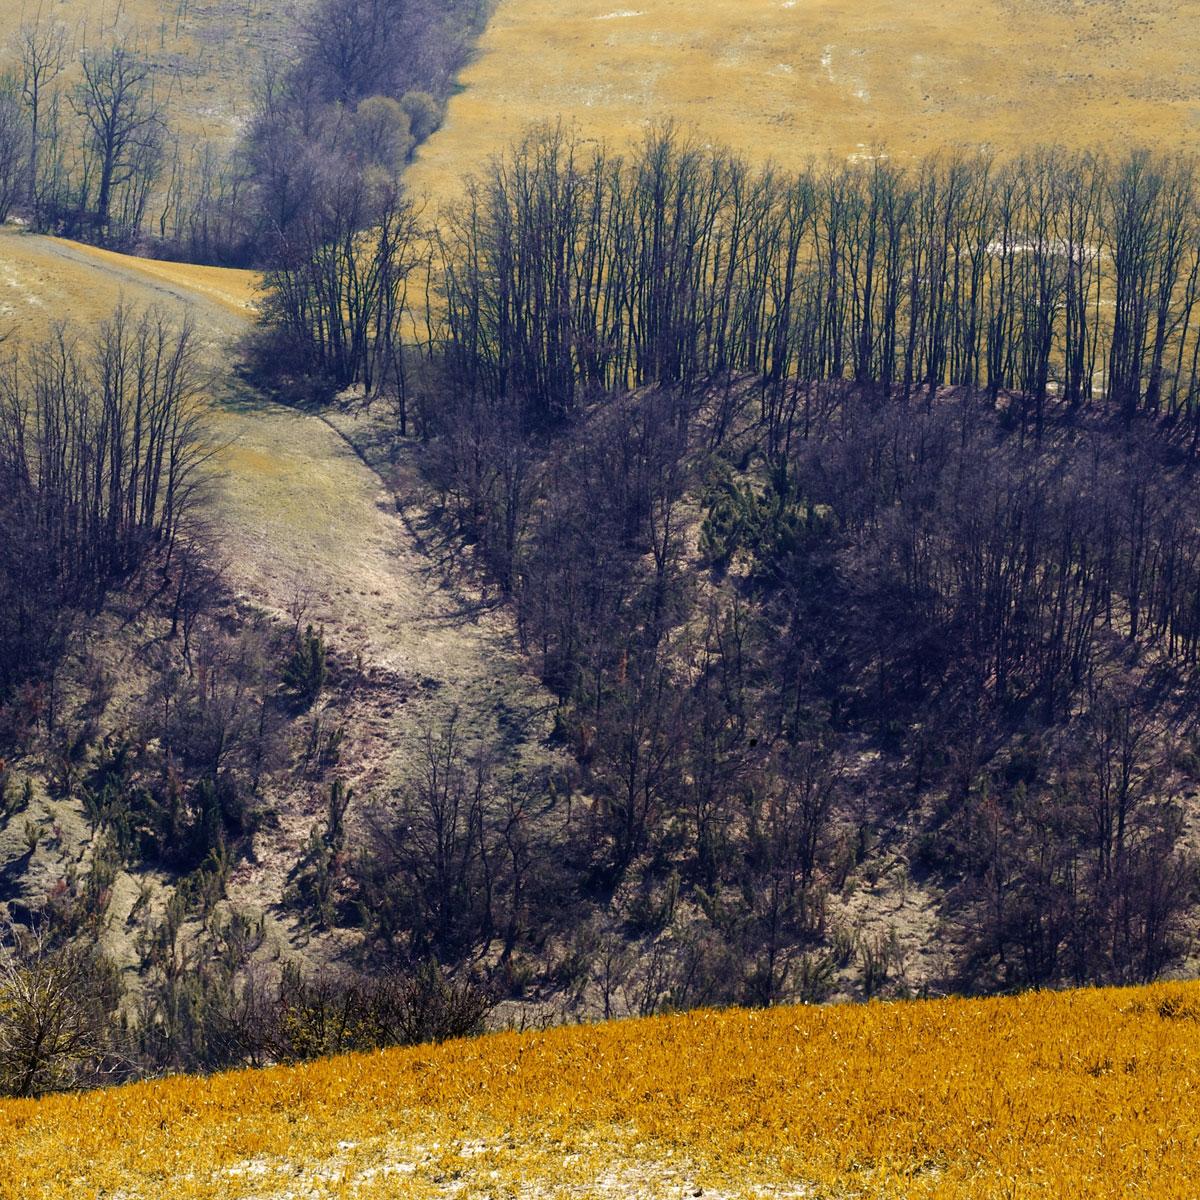 paesaggi-italia_065_SP